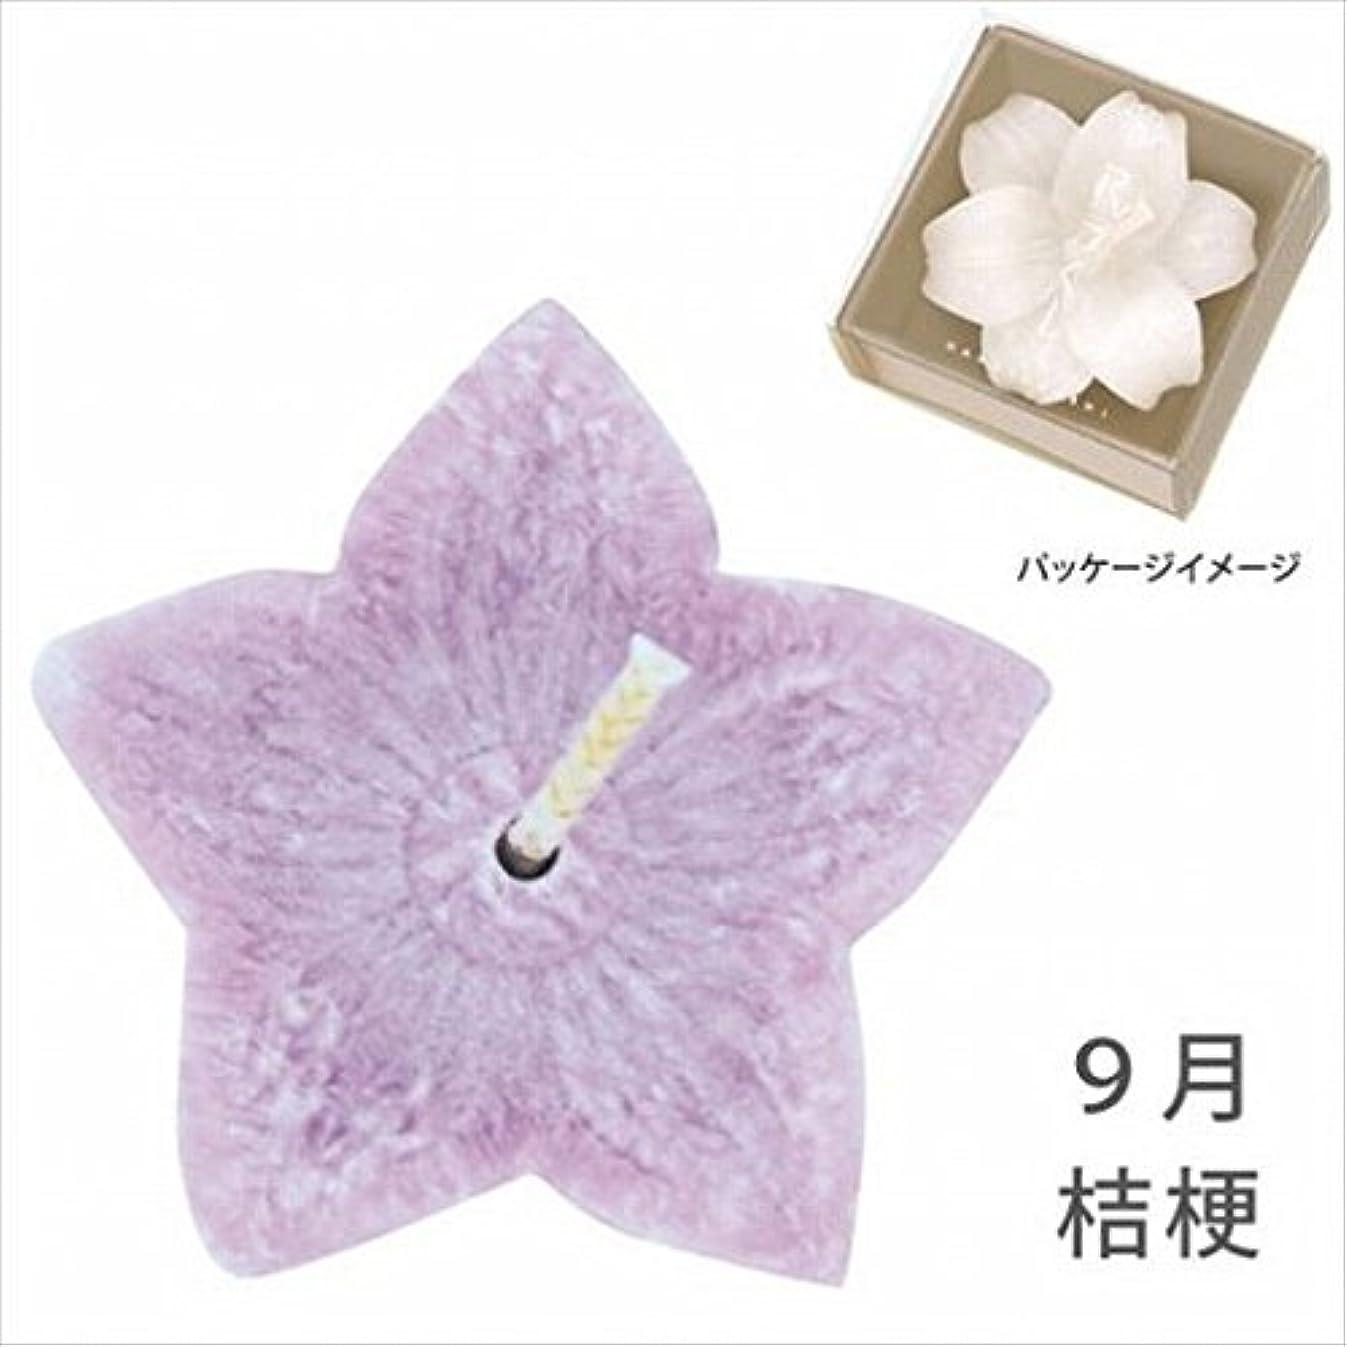 ステッチ安全性仲介者kameyama candle(カメヤマキャンドル) 花づくし(植物性) 桔梗 「 桔梗(9月) 」 キャンドル(A4620510)